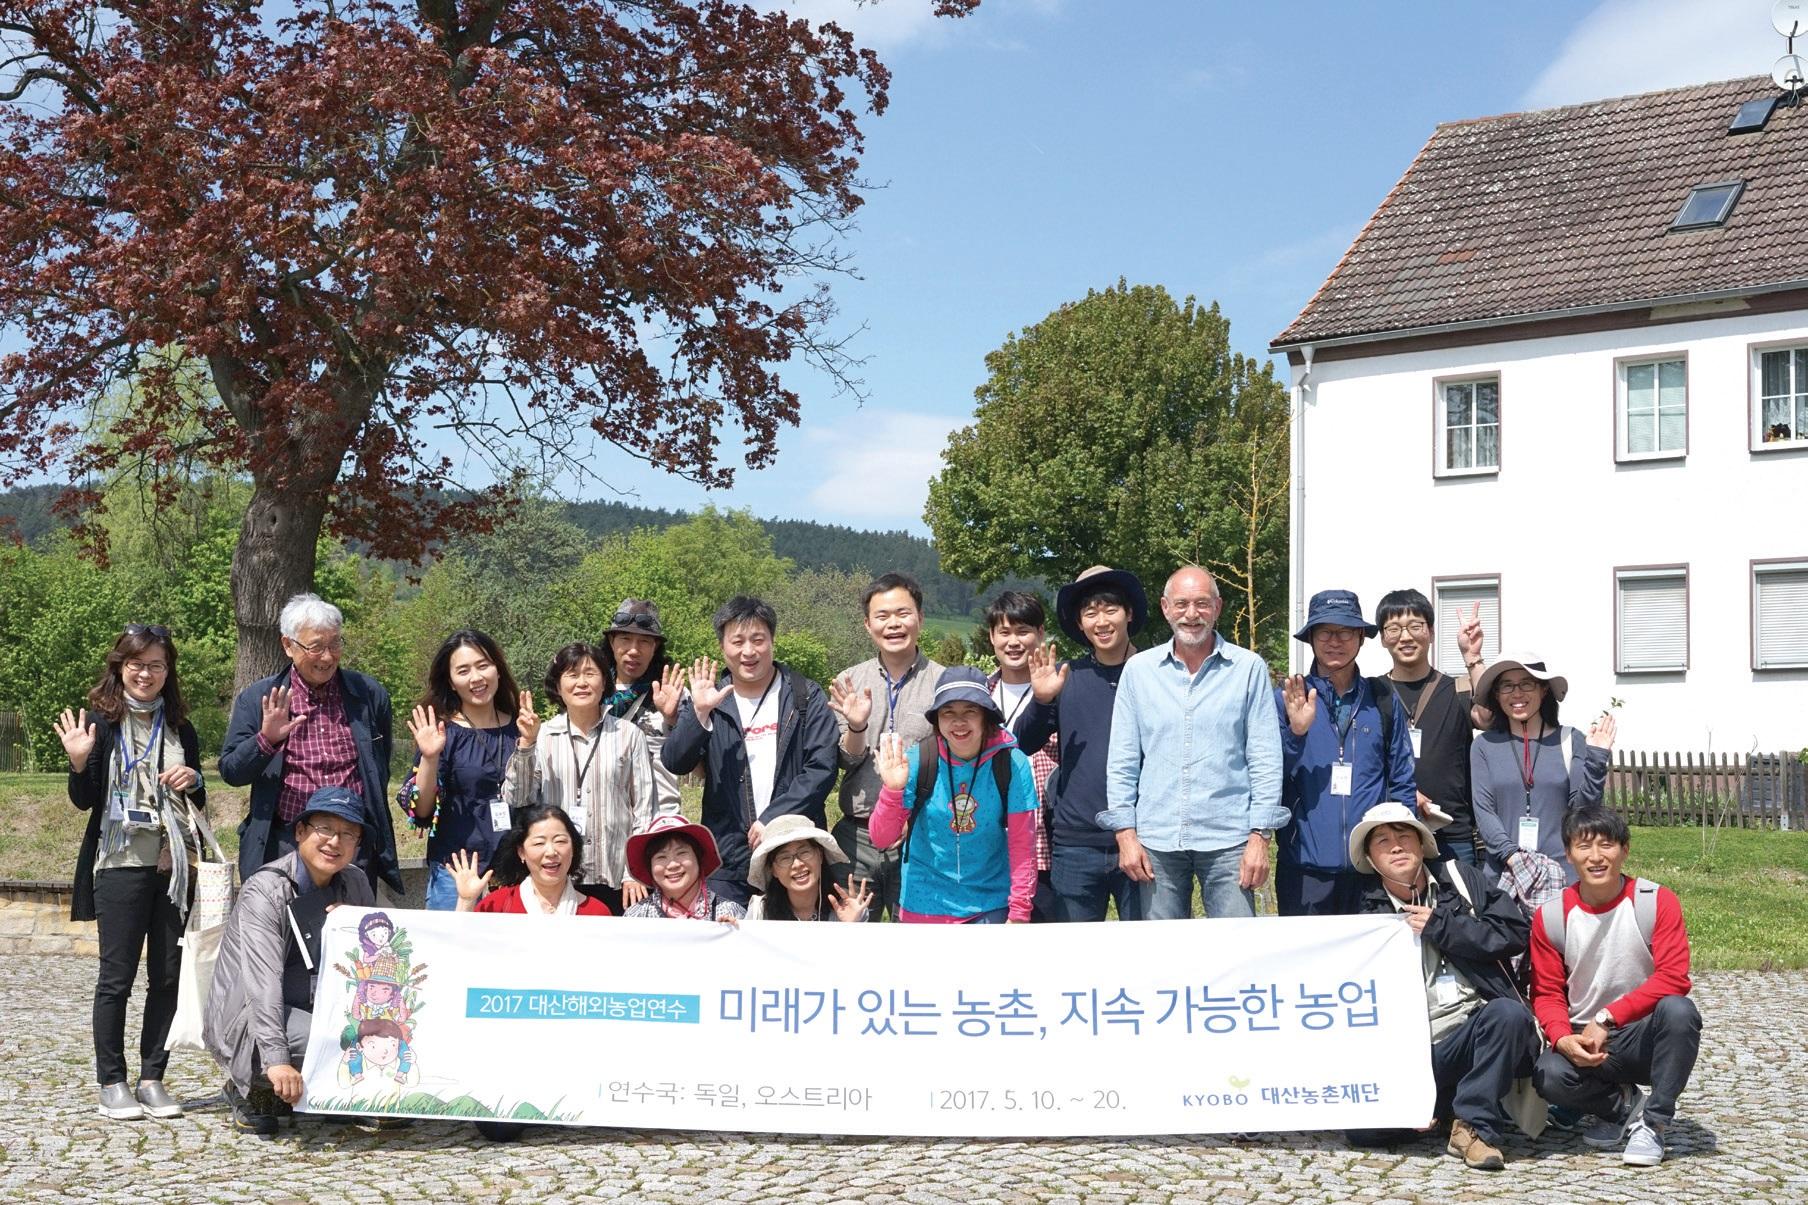 잘레-홀즈란트 지역개발협회에 속한 마을에서 대산해외농업연수 참가자들과 함께.